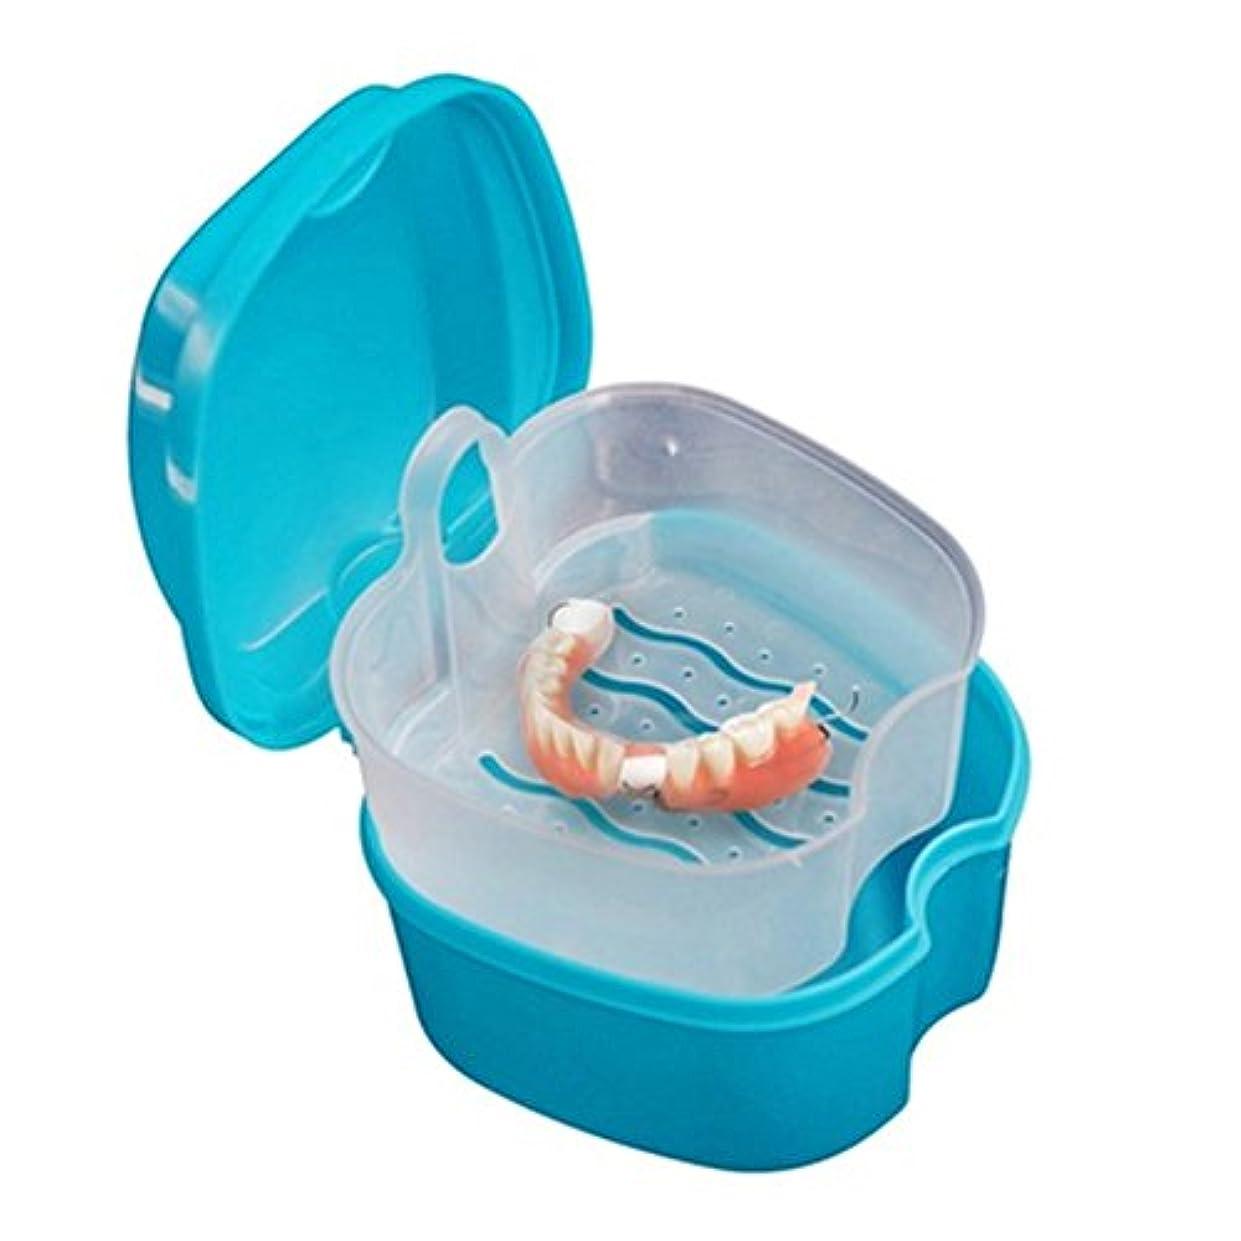 クランプ並外れて急速なCozyrom ネット付き 抗菌加工 乳歯 入れ歯収納ケース 容器 ボック 使いやすい